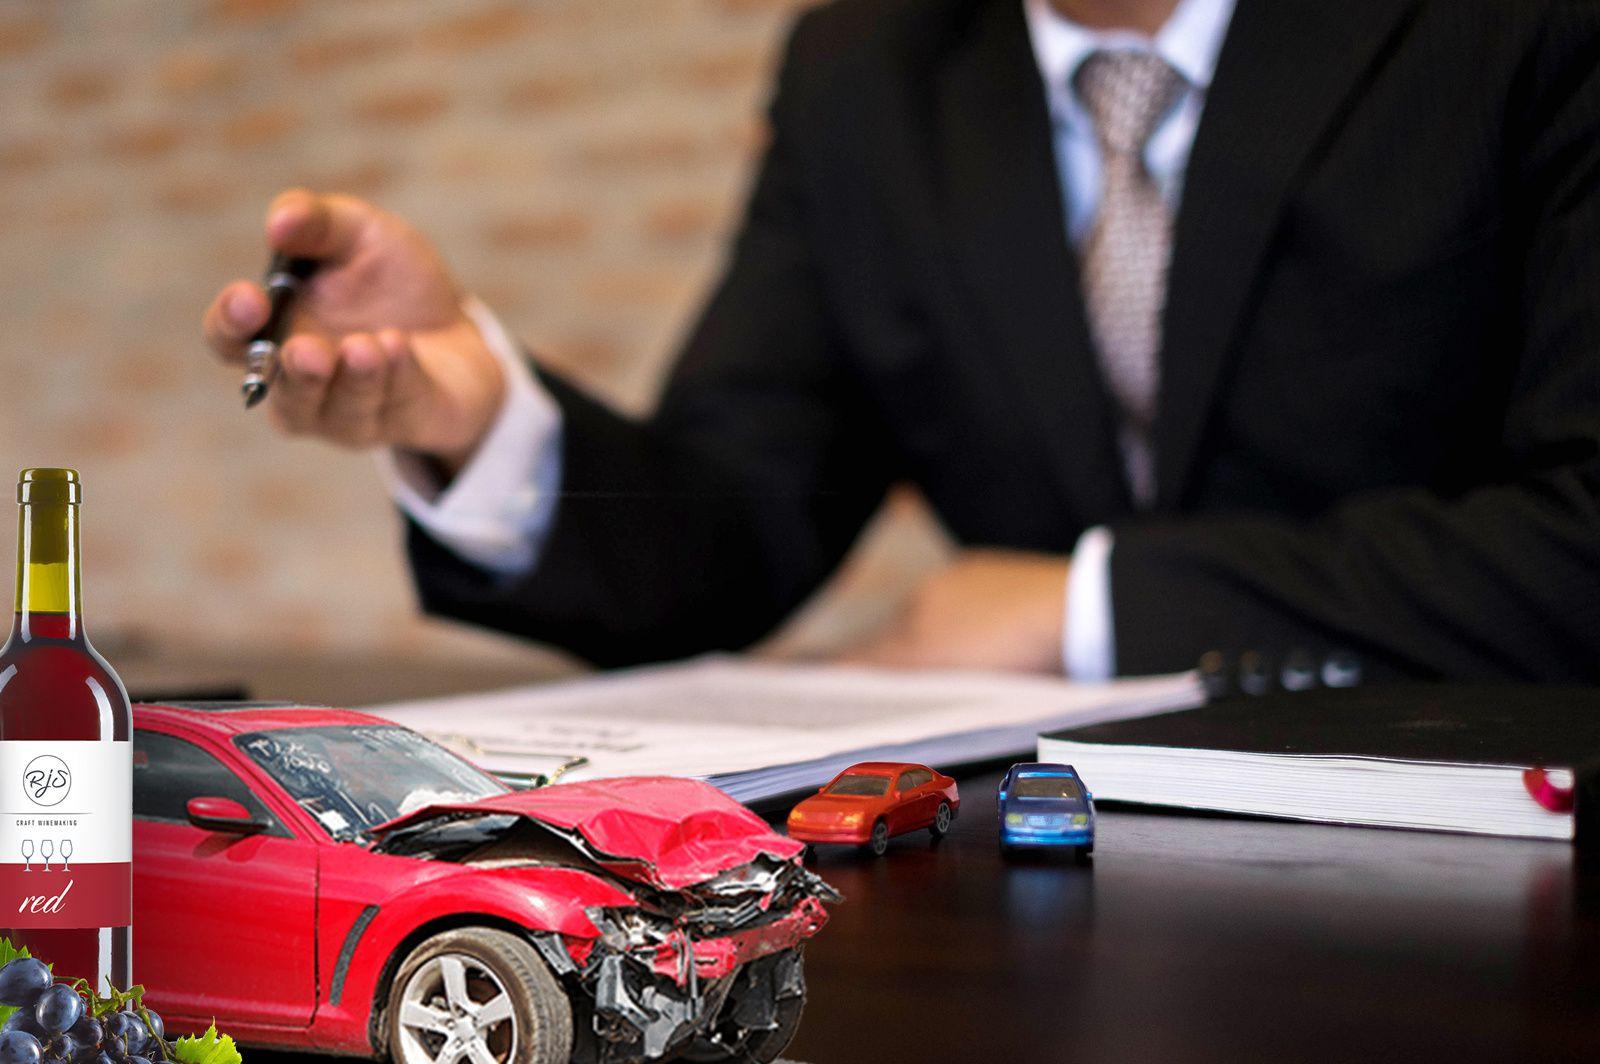 Résiliation de l'assurance auto par l'assureur : pour quels motifs ?